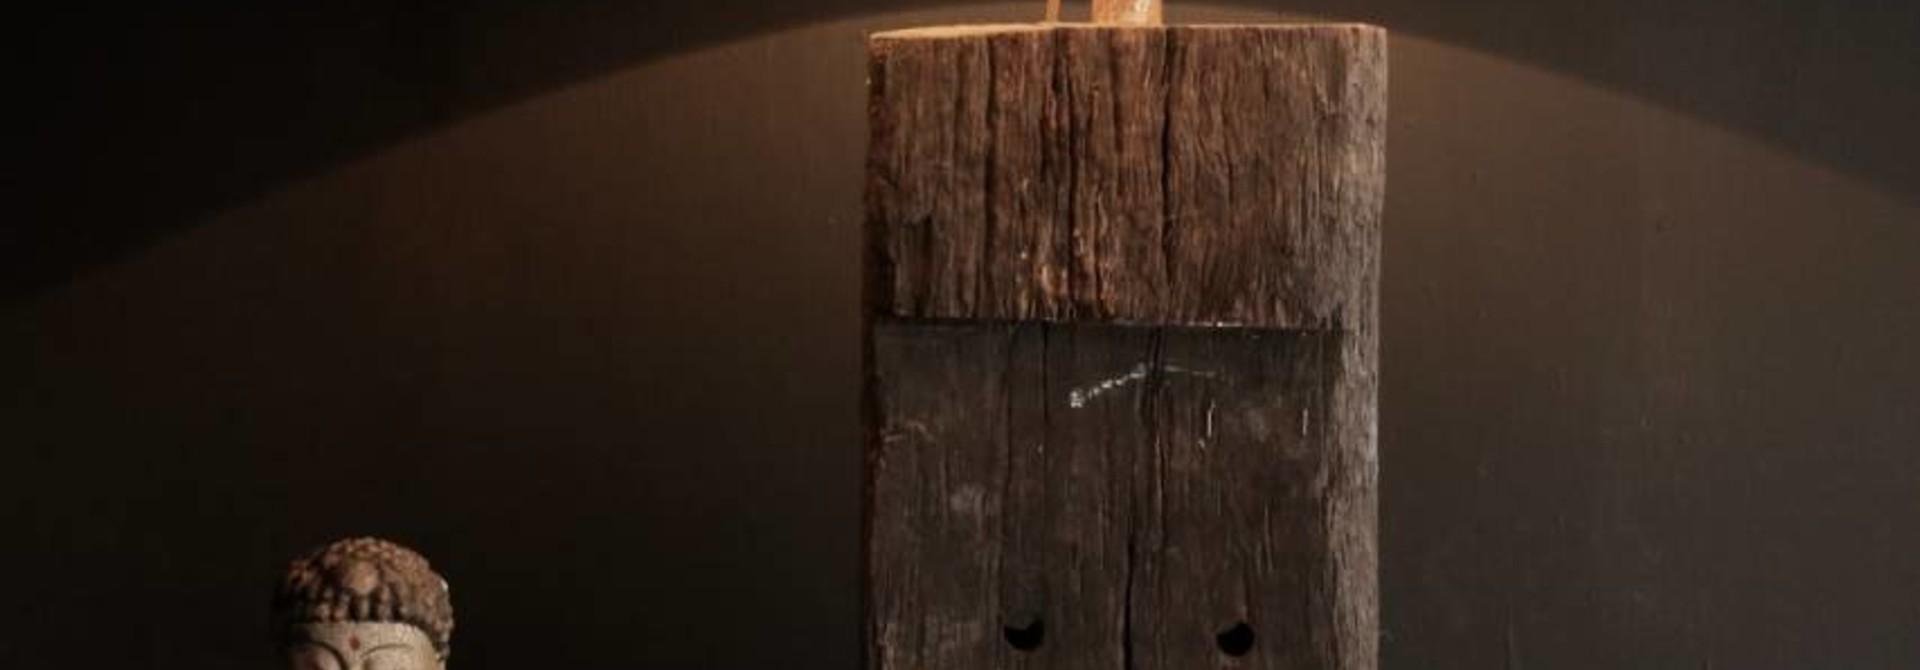 Starke Tischlampe aus altem Holz auf Eisenbasis